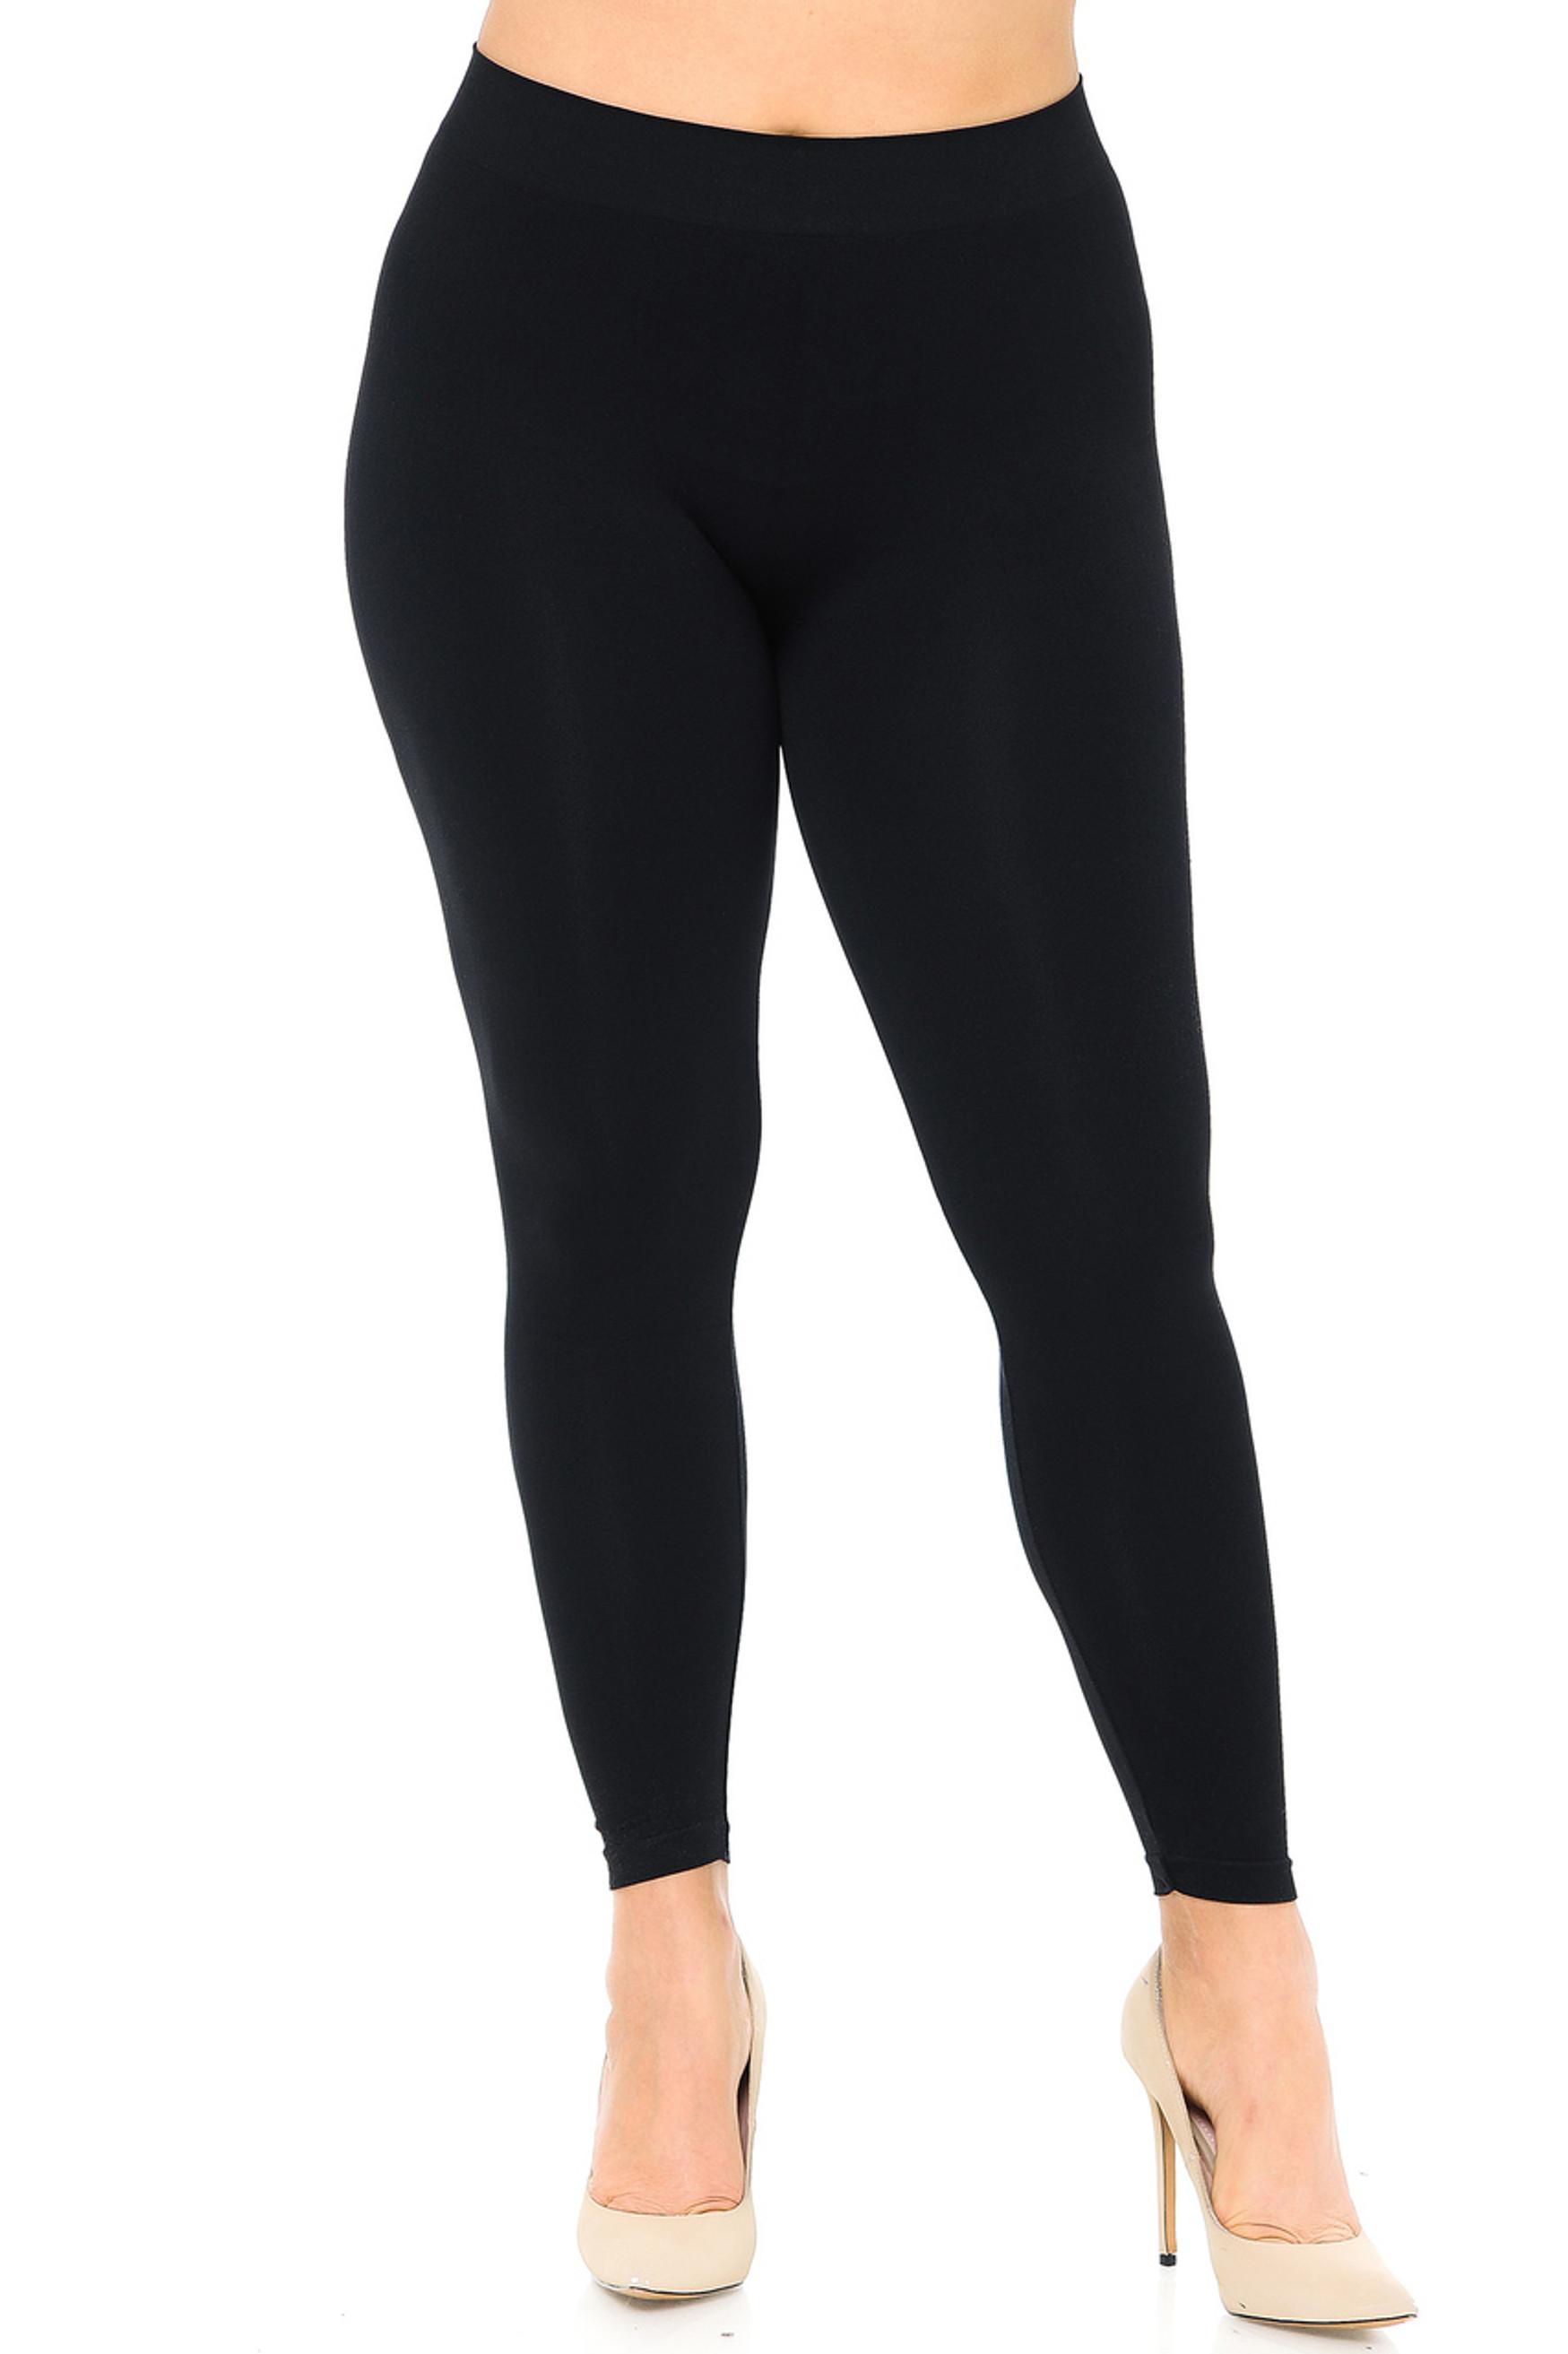 Premium Nylon Spandex Solid Basic Plus Size Leggings